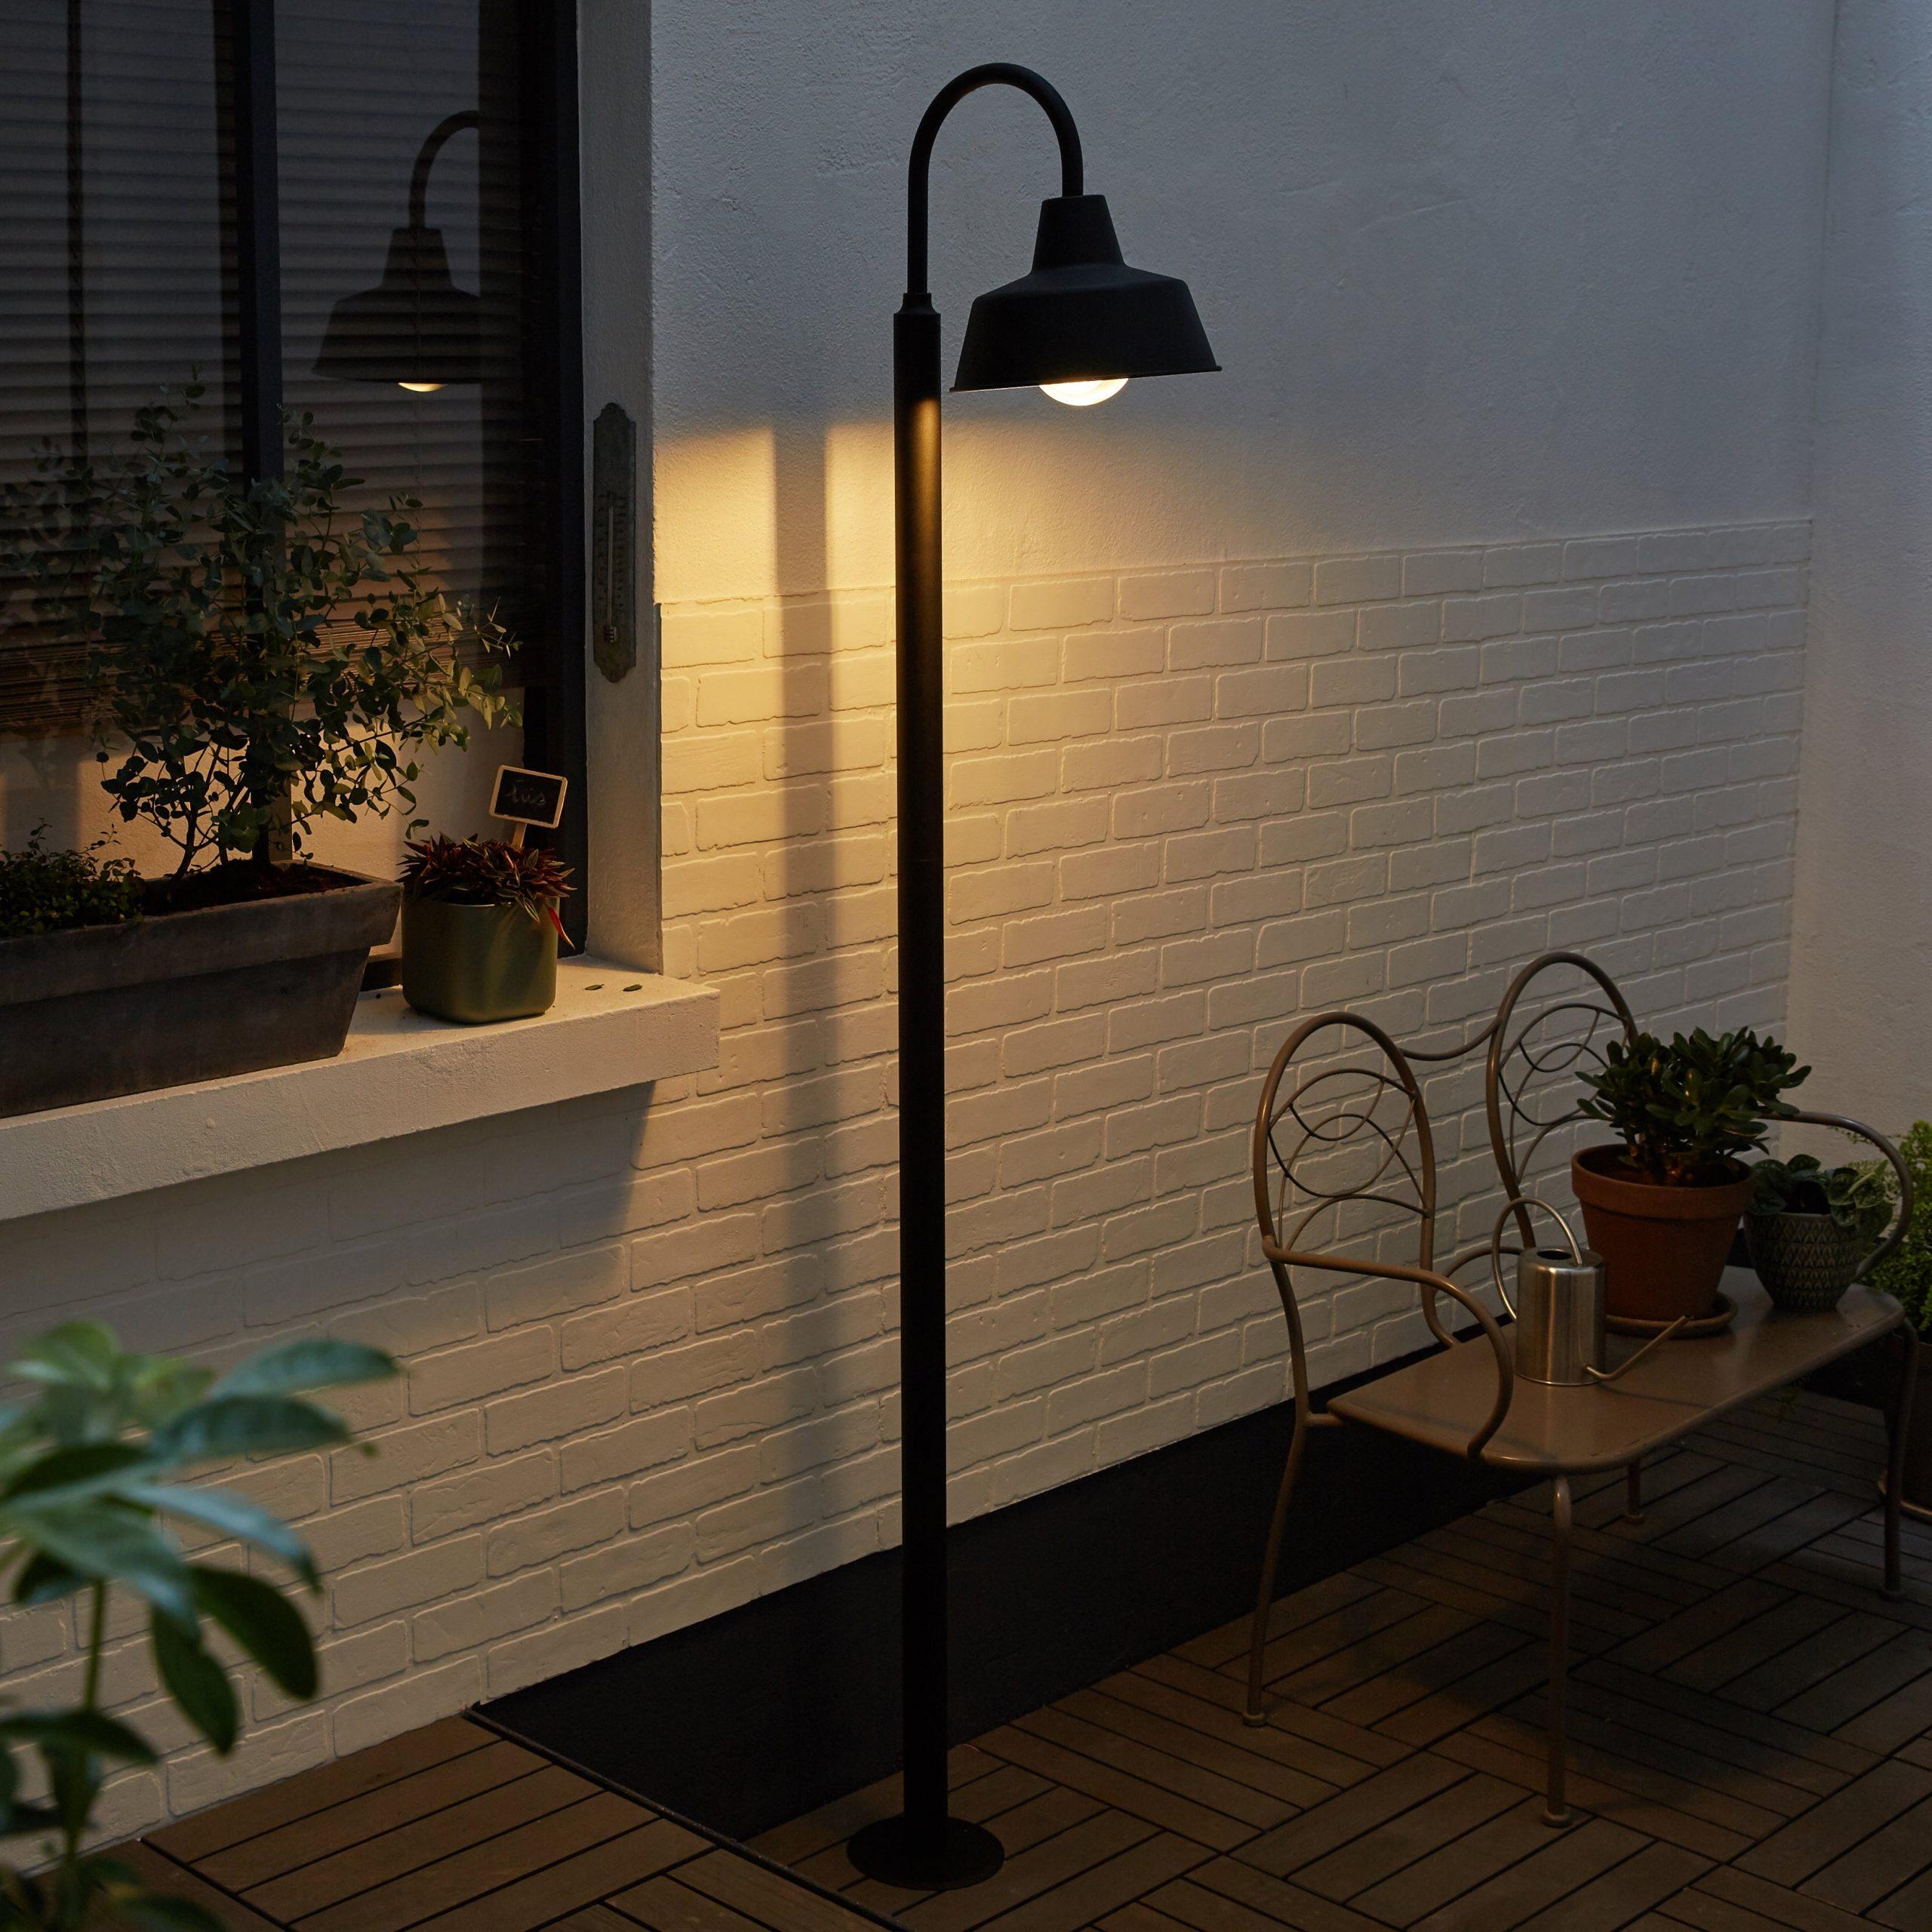 Lampadaire Extérieur E27 Max 60W Noir Sarasota Inspire destiné Lampadaire Jardin Leroy Merlin